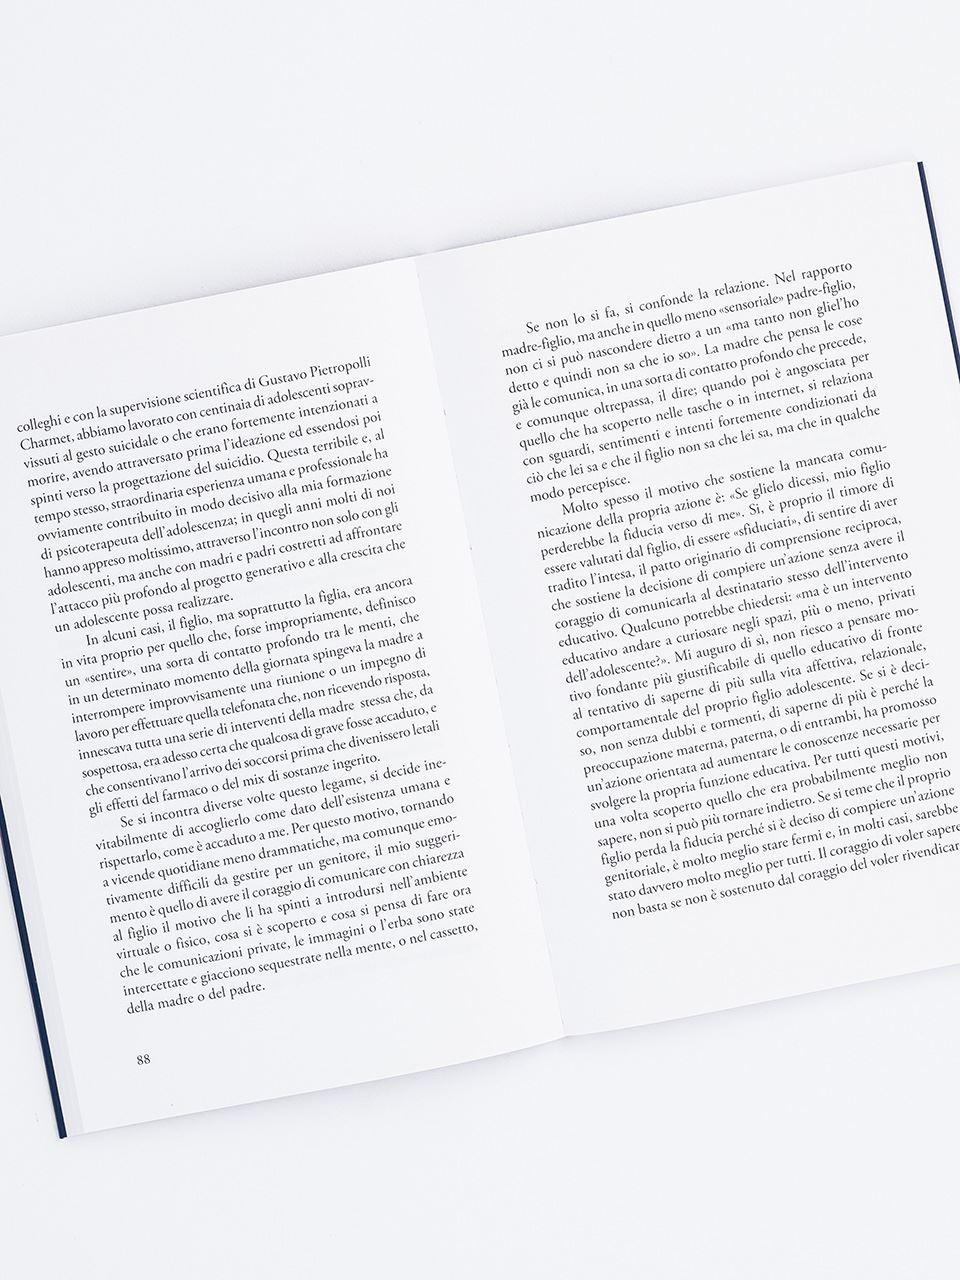 Adolescenti navigati - Libri - Erickson 2